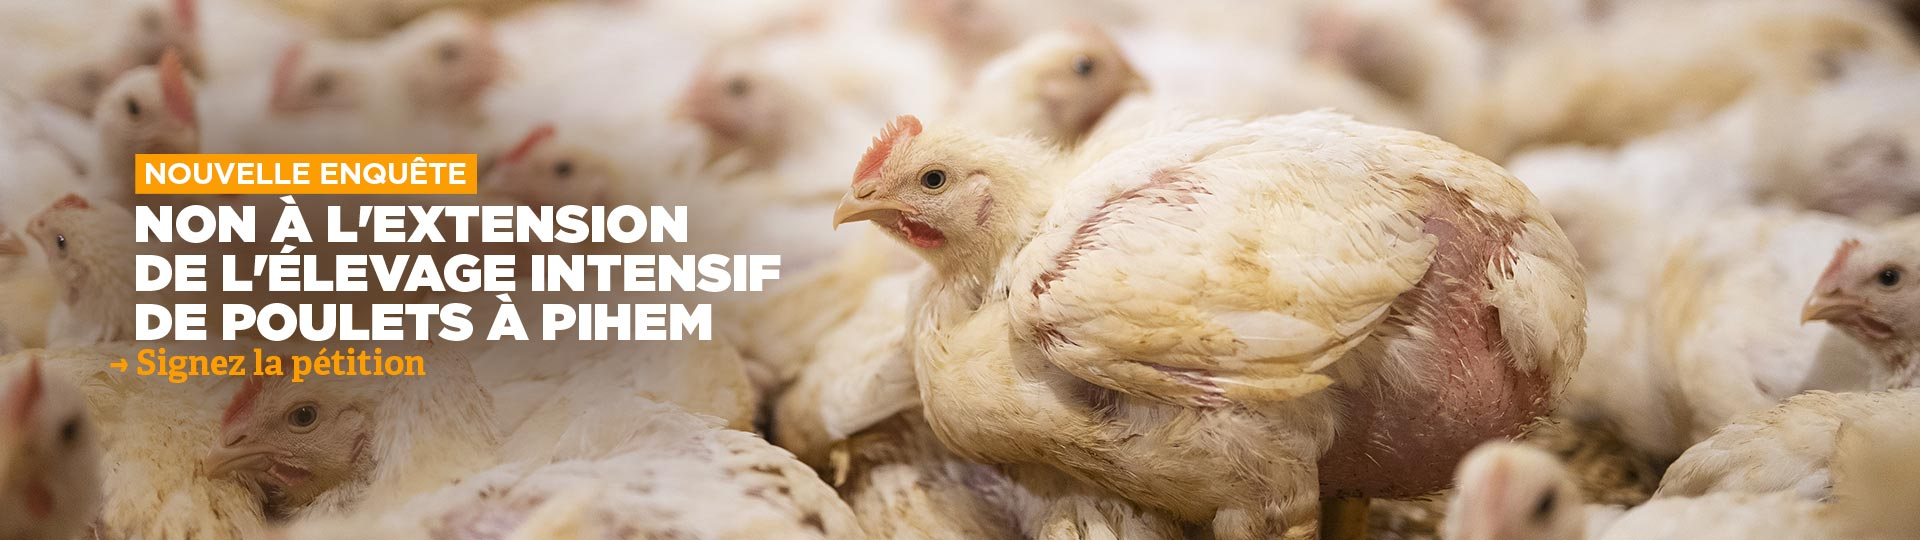 Nouvelle enquête dans un élevage intensif de poulets en demande d'extension